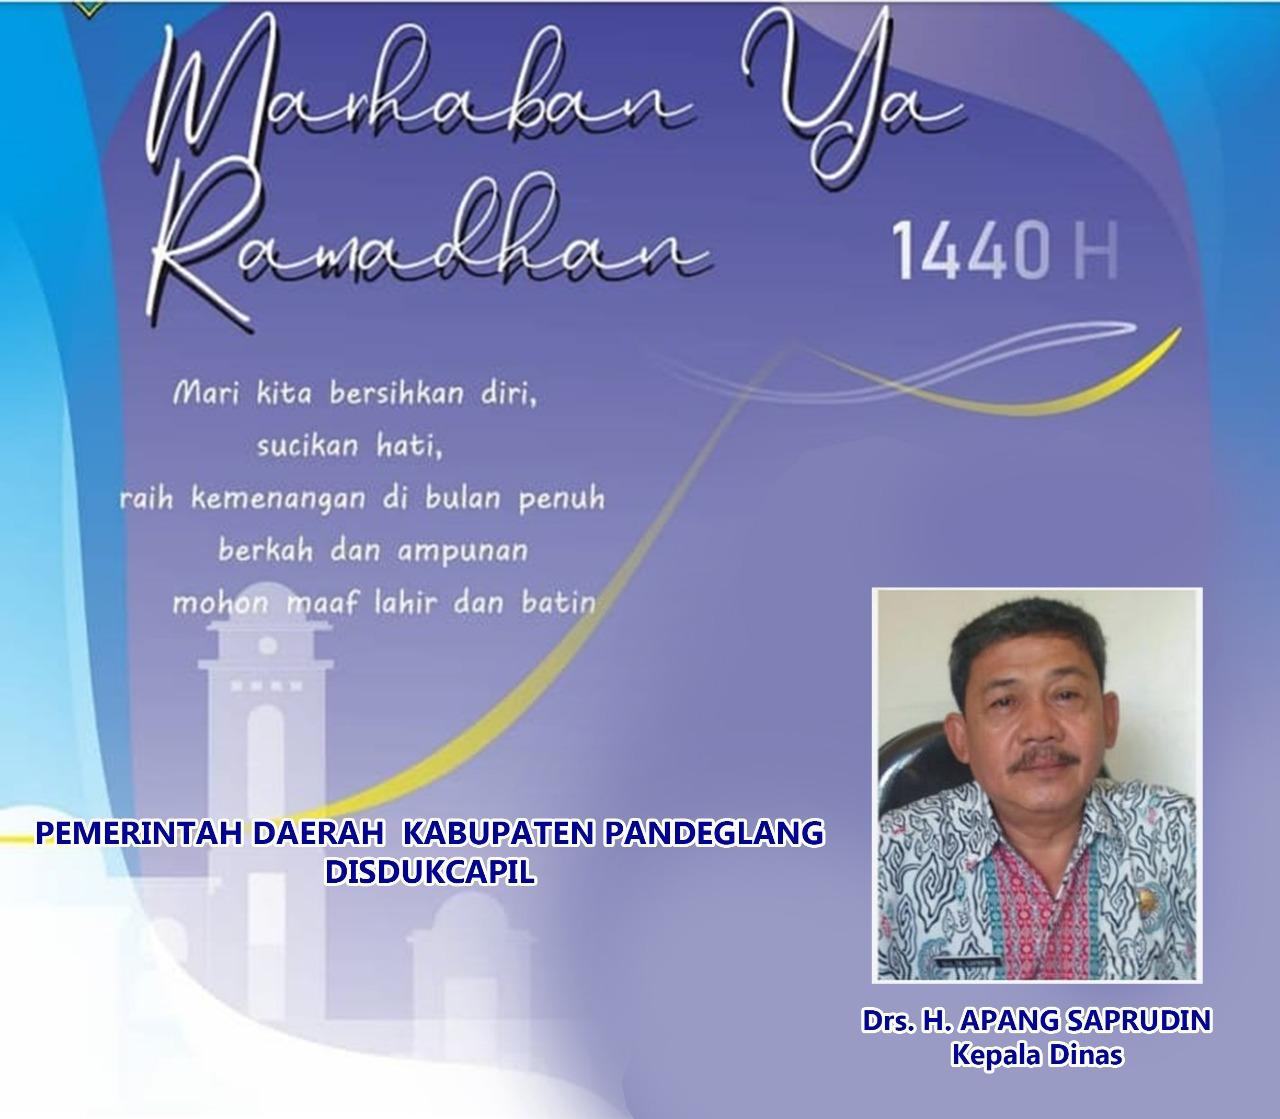 Drs.H.Apang Saprudin